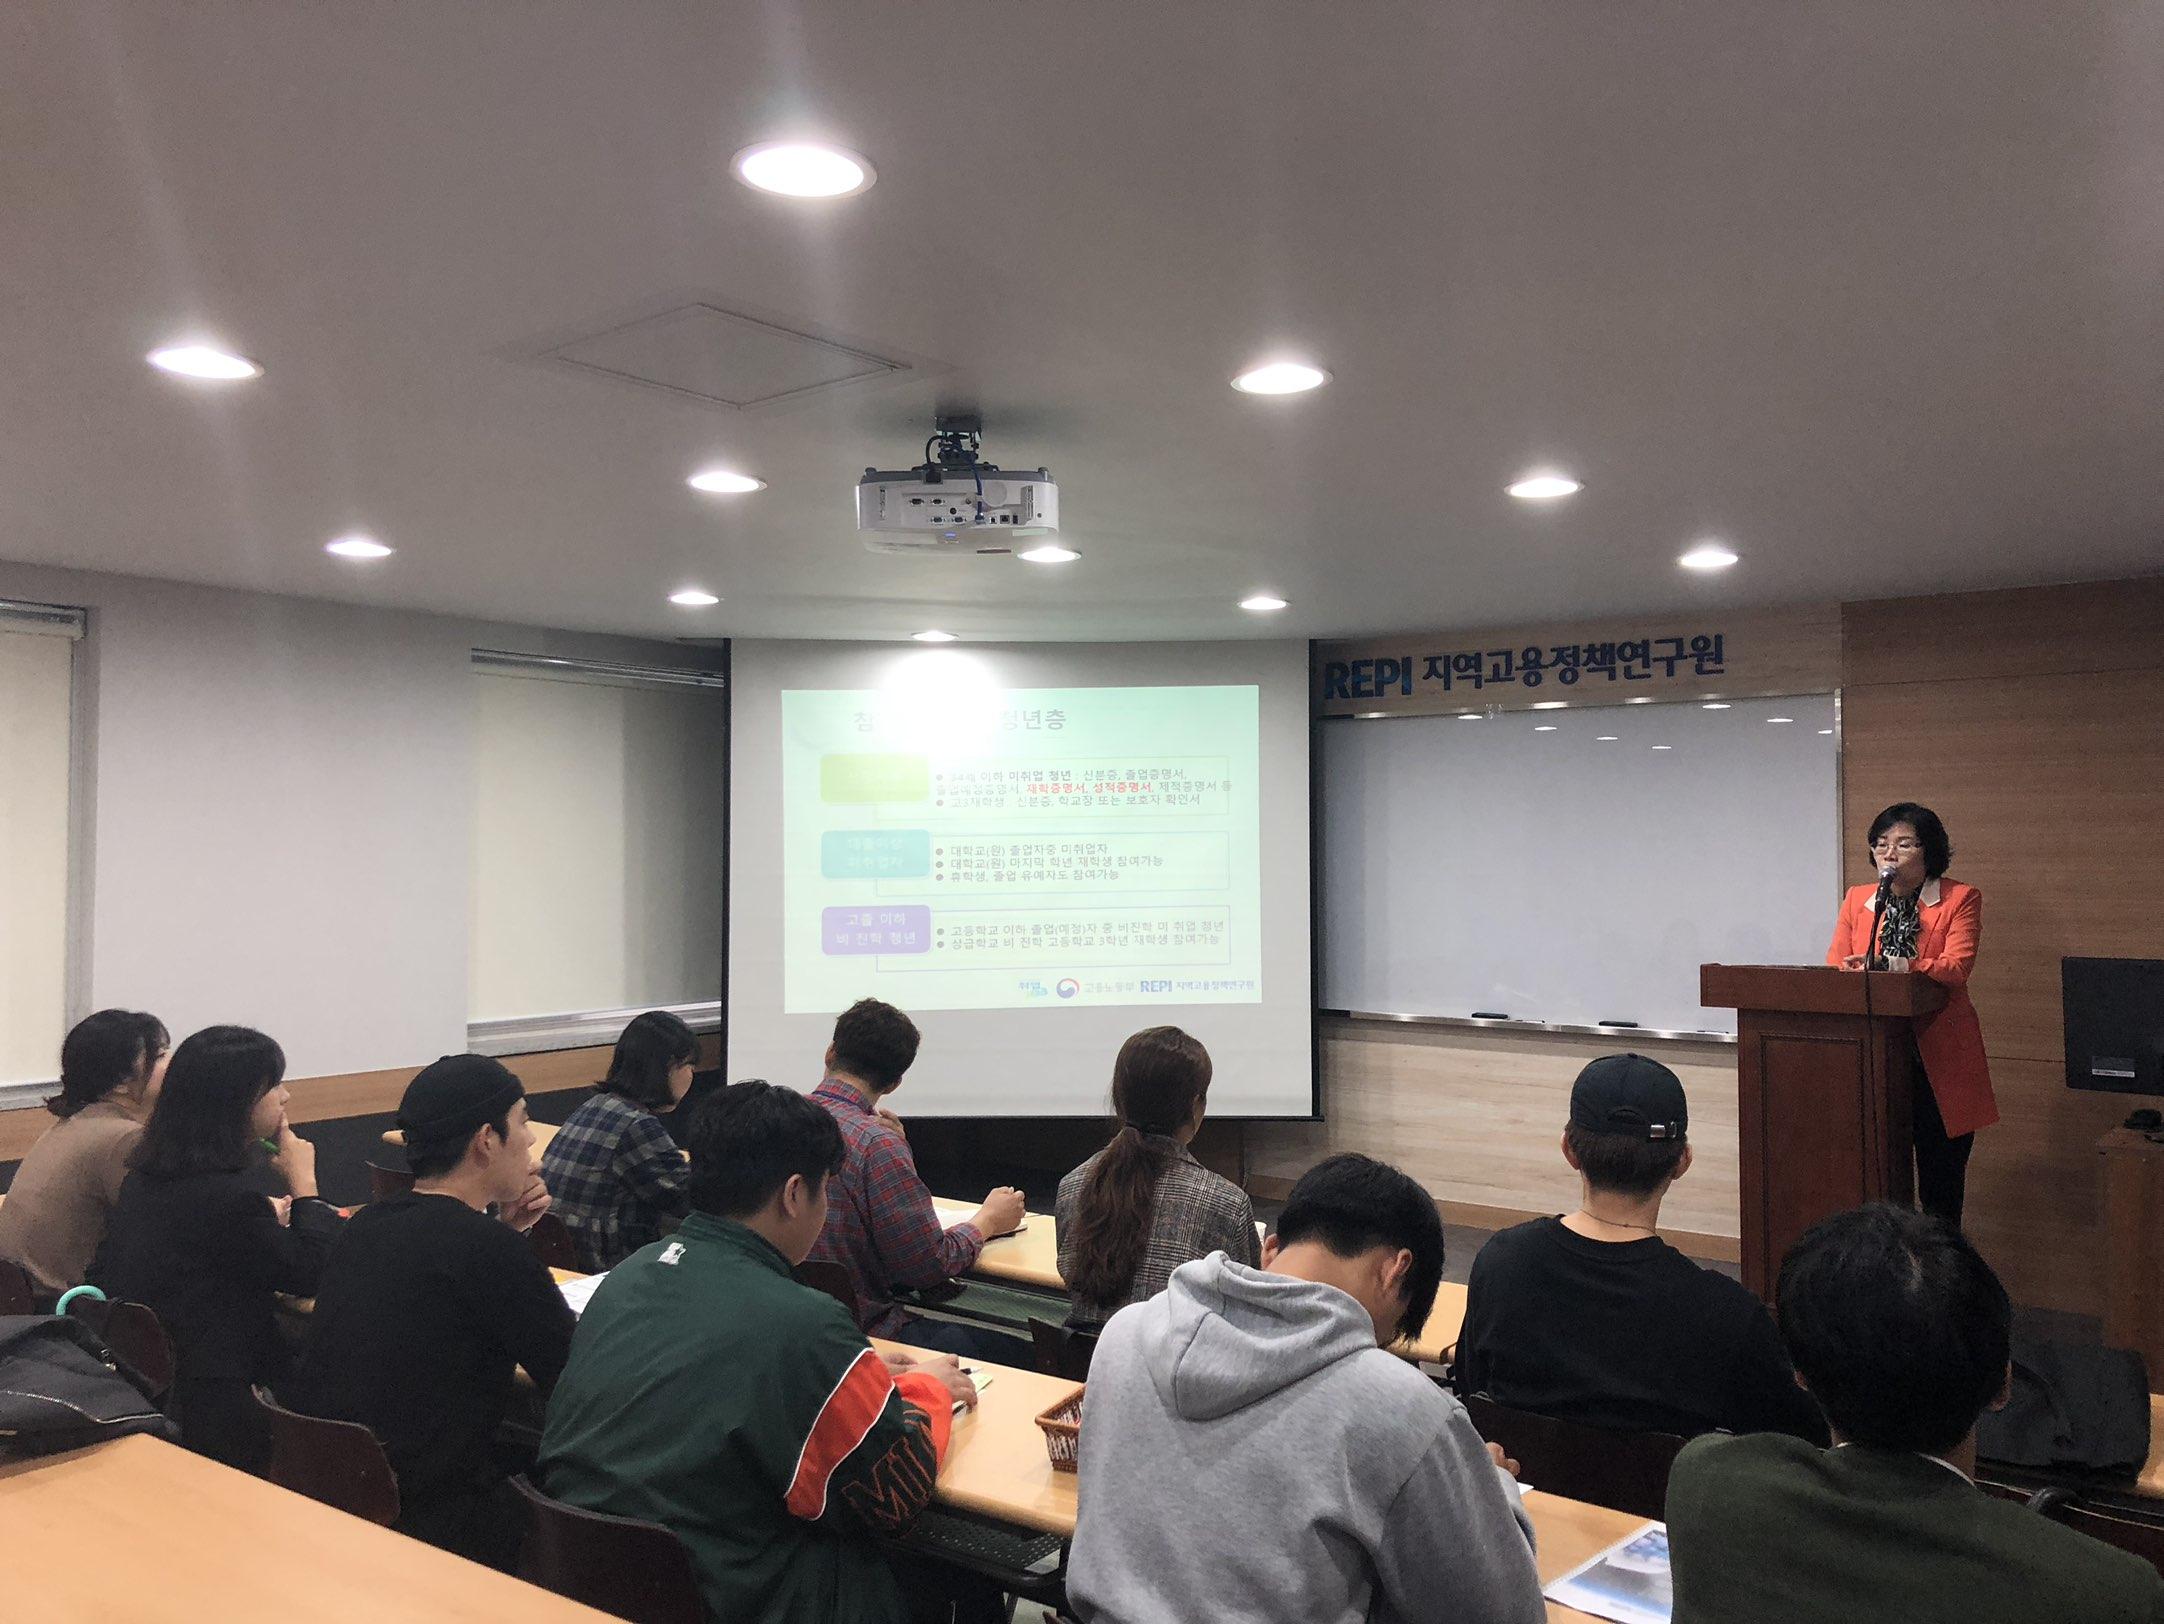 [서포터즈 ROOKIE 4기] 1주차 활동 - 취업성공패키지 교육, 오프라인 활동 회의